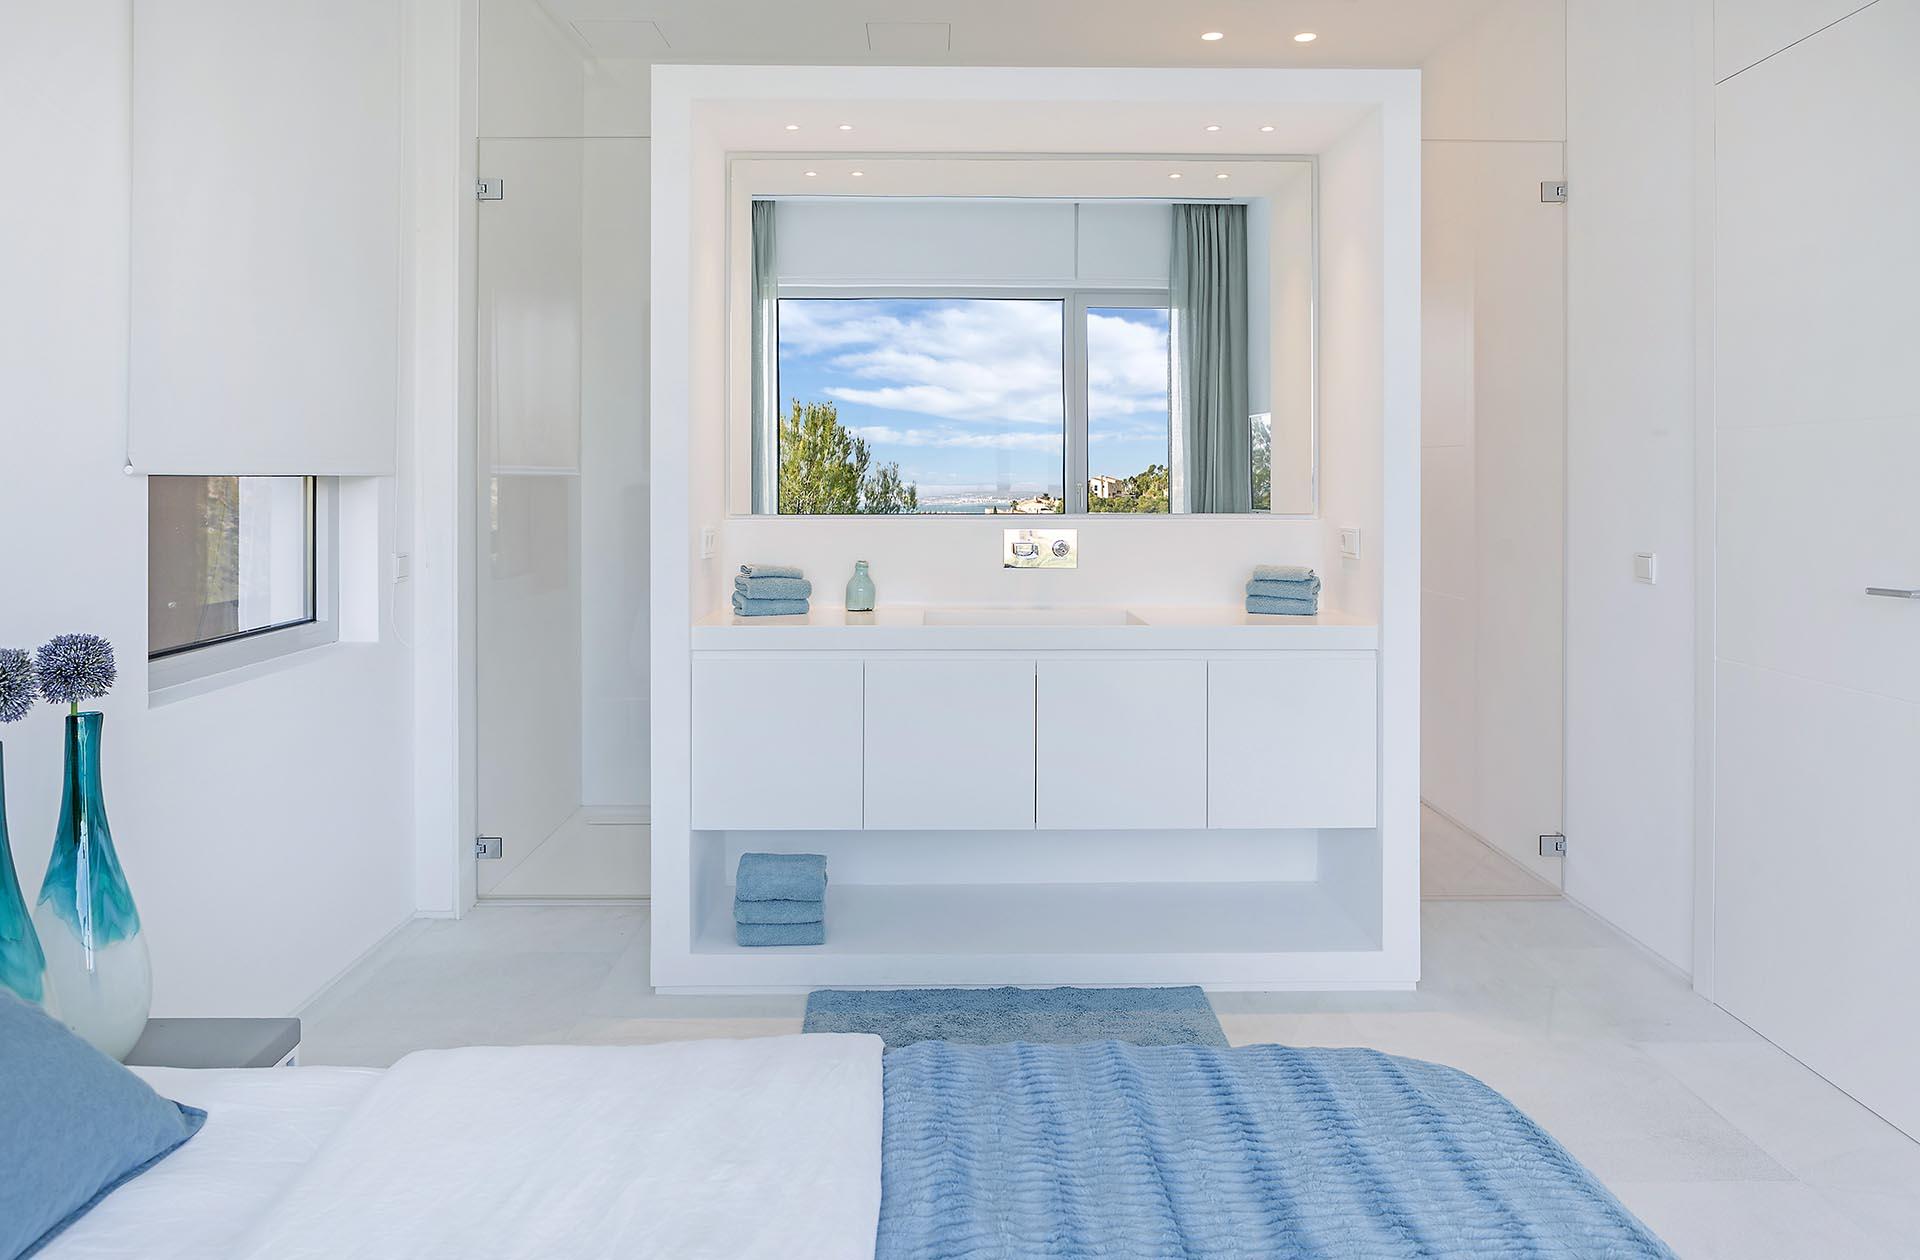 Hermosa villa en Costa d'en Blanes - Lavabo en el dormitorio